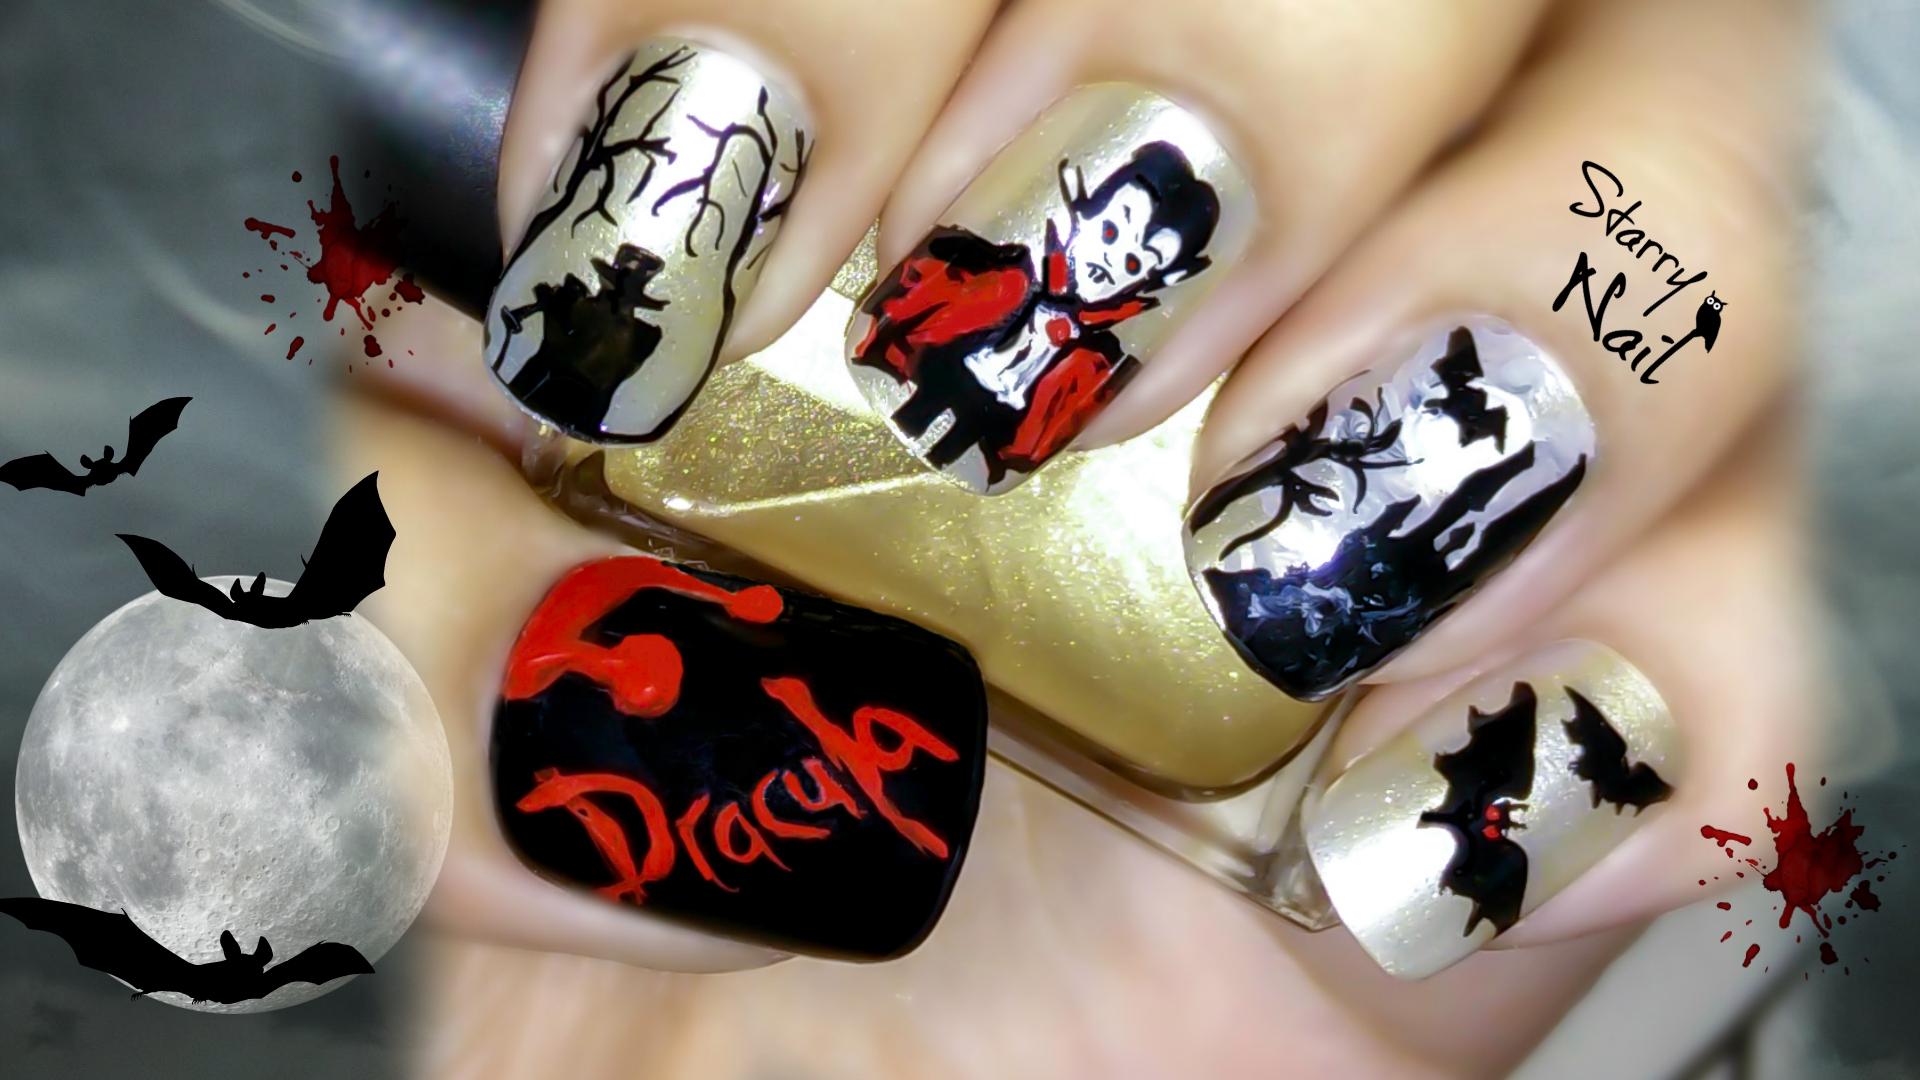 Dracula vampire scary halloween nail art starrynail 2 august 2015 1920 1080 dracula vampire scary halloween nail art prinsesfo Choice Image